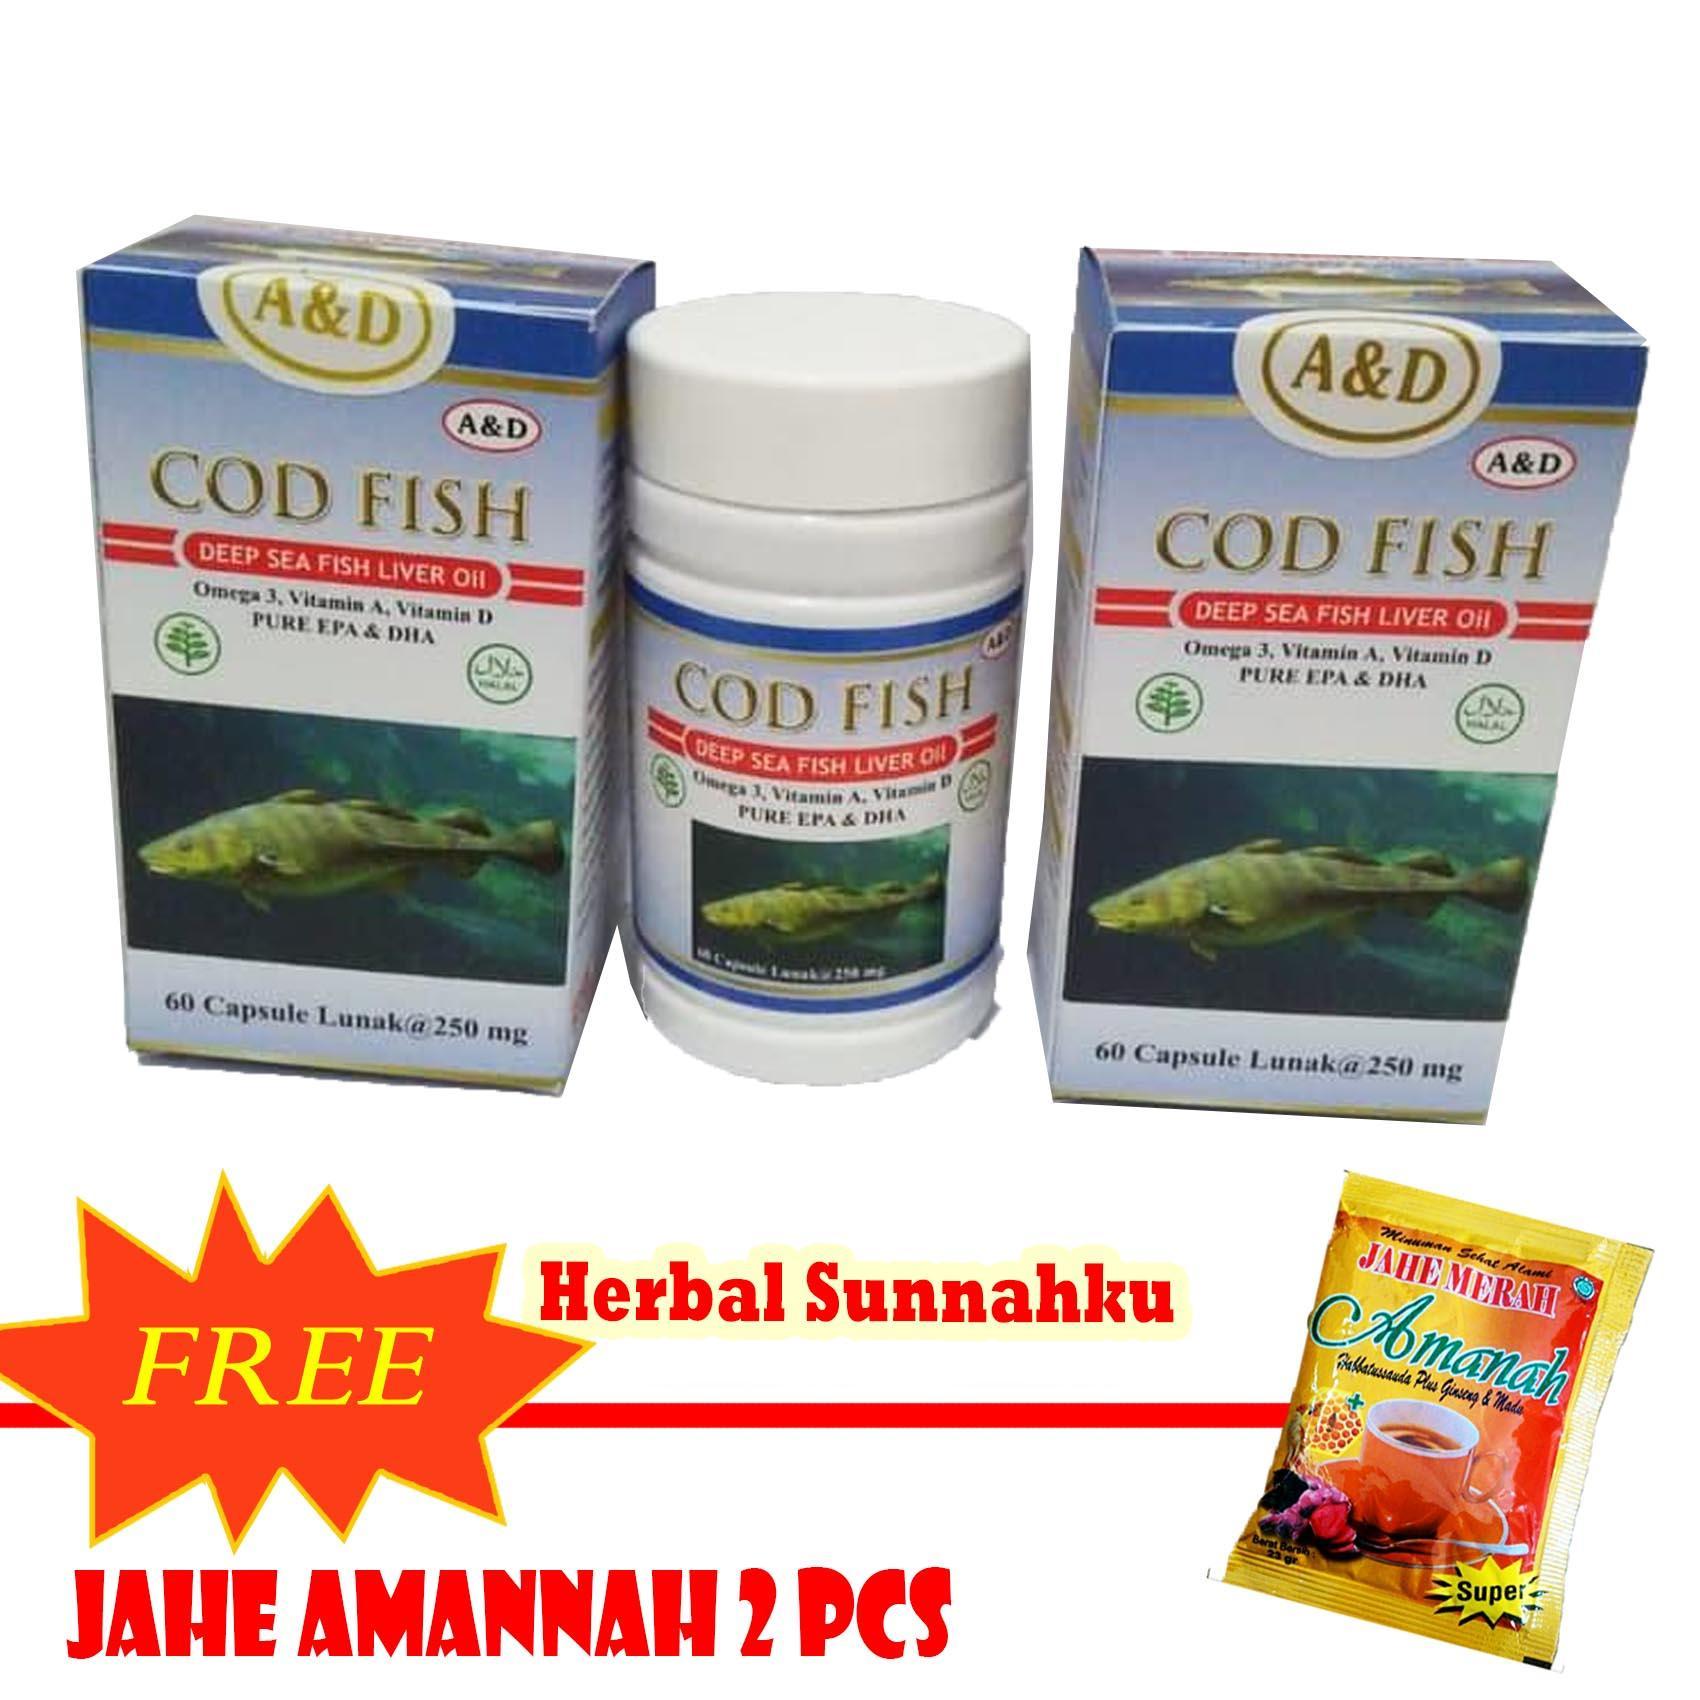 Tempat Jual Minyak Ikan Omega Isi 250 Kapsul Lunak Untuk Kucing Blackmores 3 Black Mores 400 Buy Sell Cheapest Cod Best Quality Product Deals